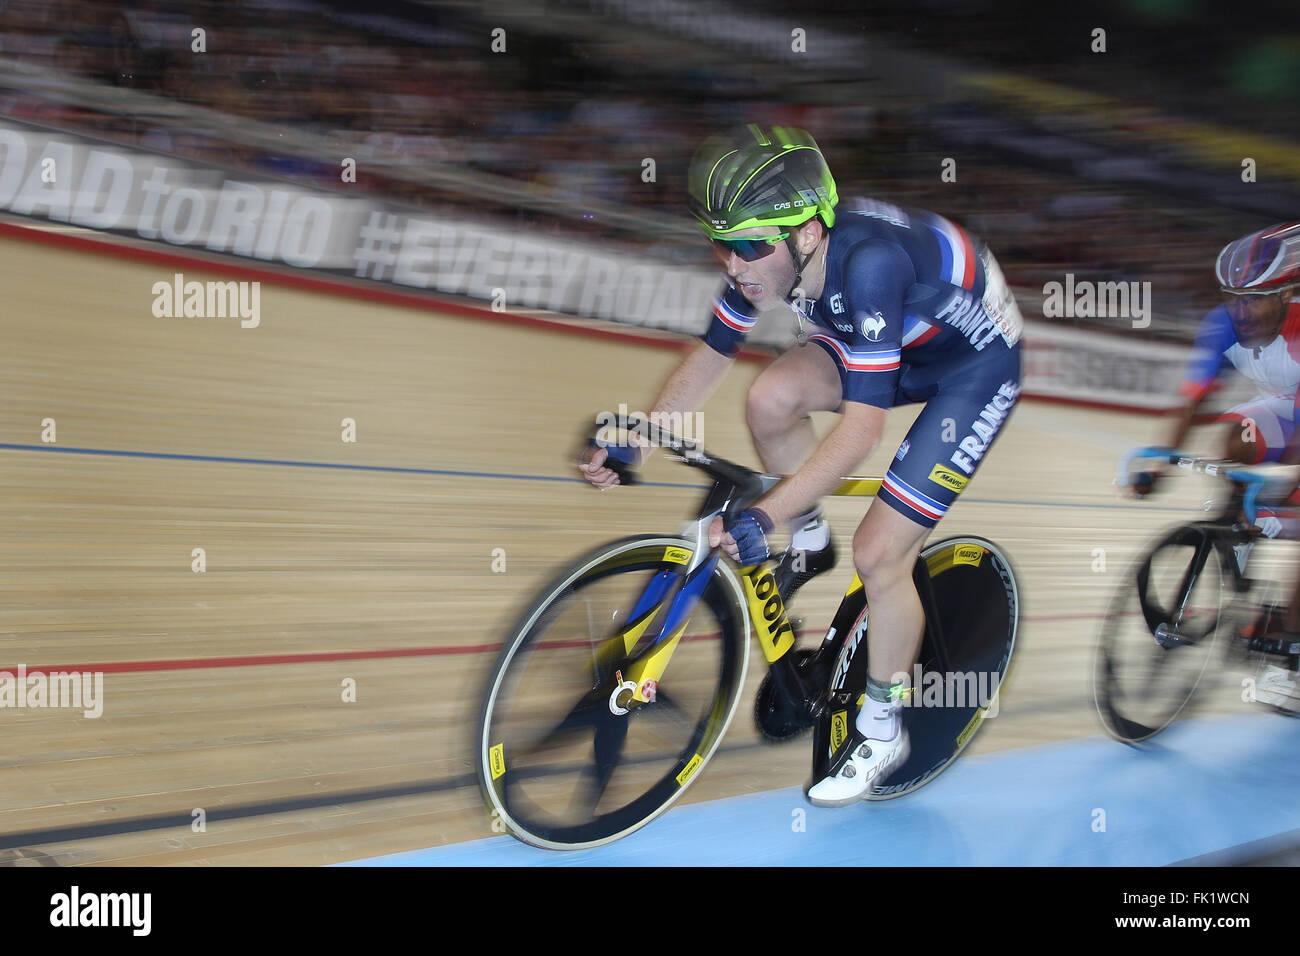 Lee Valley Velo Centre, London UK. Le 05 Mar, 2016. Championnats du Monde UCI sur piste Course aux points de mens. Photo Stock